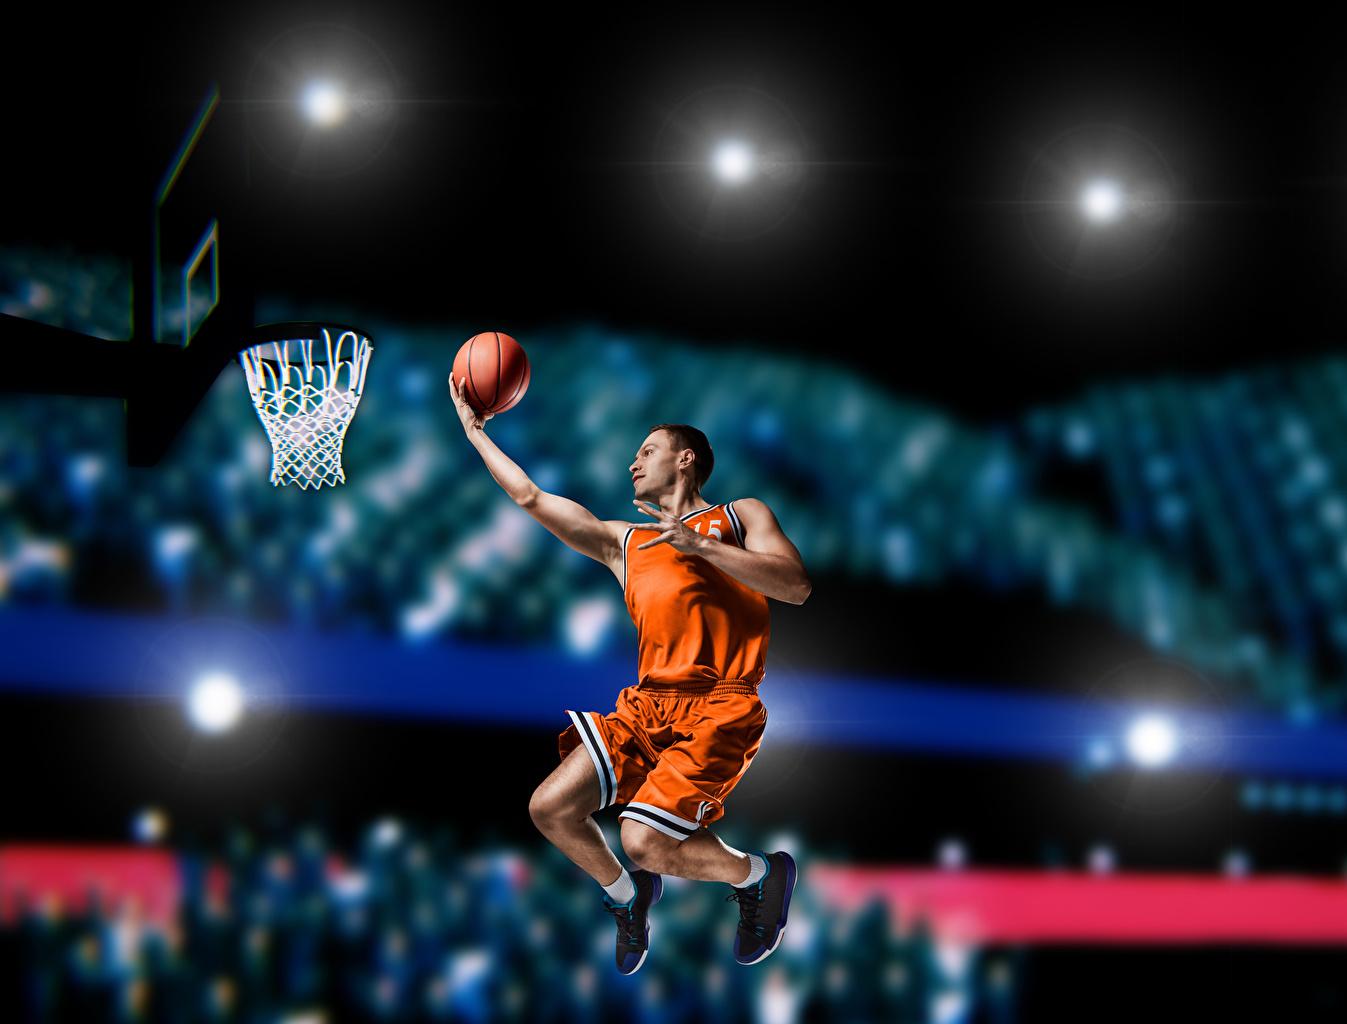 Fotos Mann Sport Basketball Sprung Ball Uniform